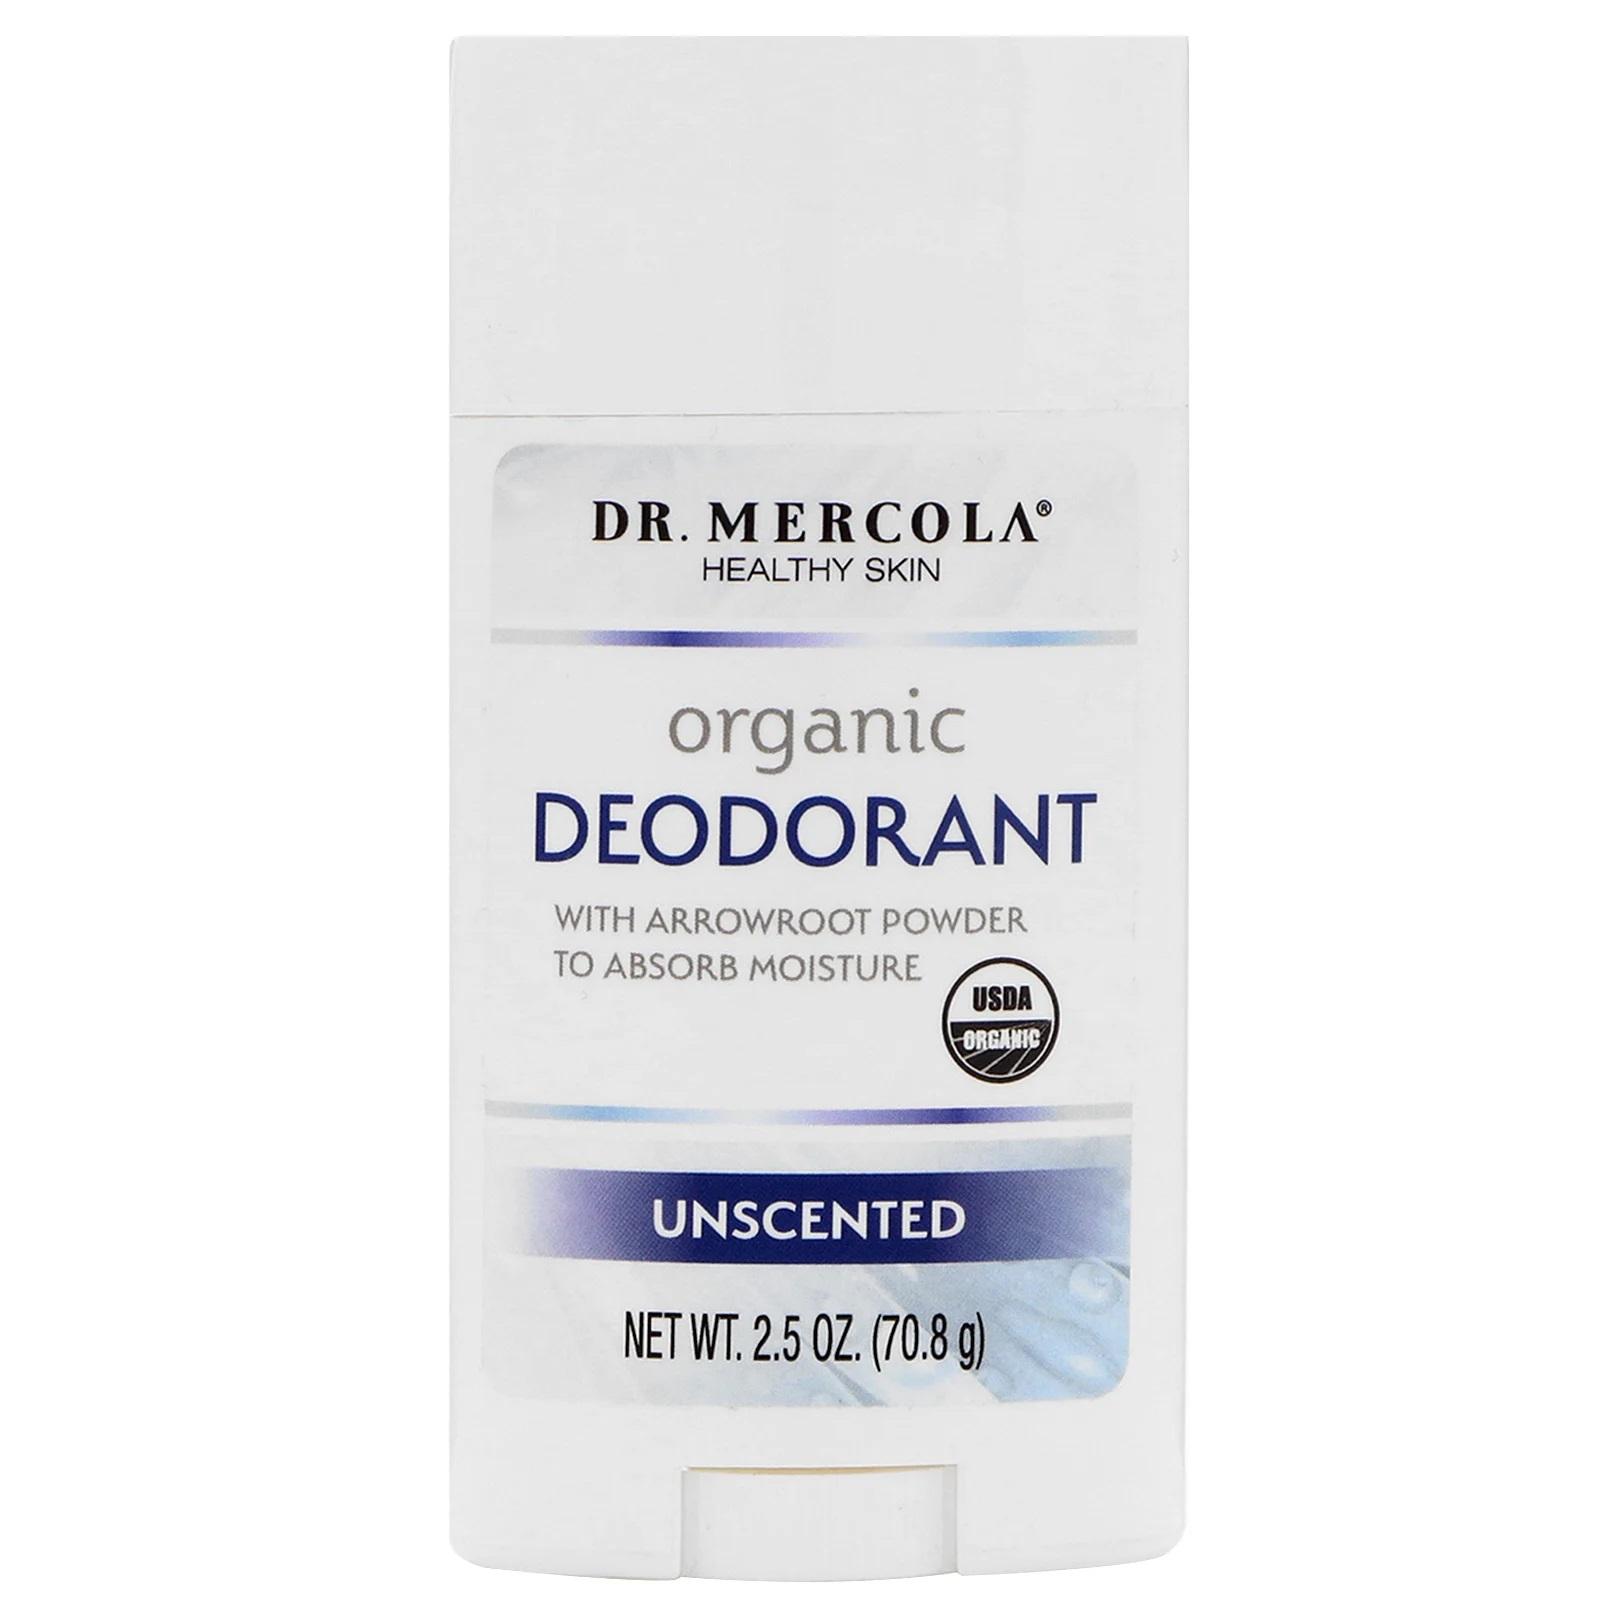 Image of Organic Deodorant Unscented (70 gram) - Dr. Mercola 0813006016117